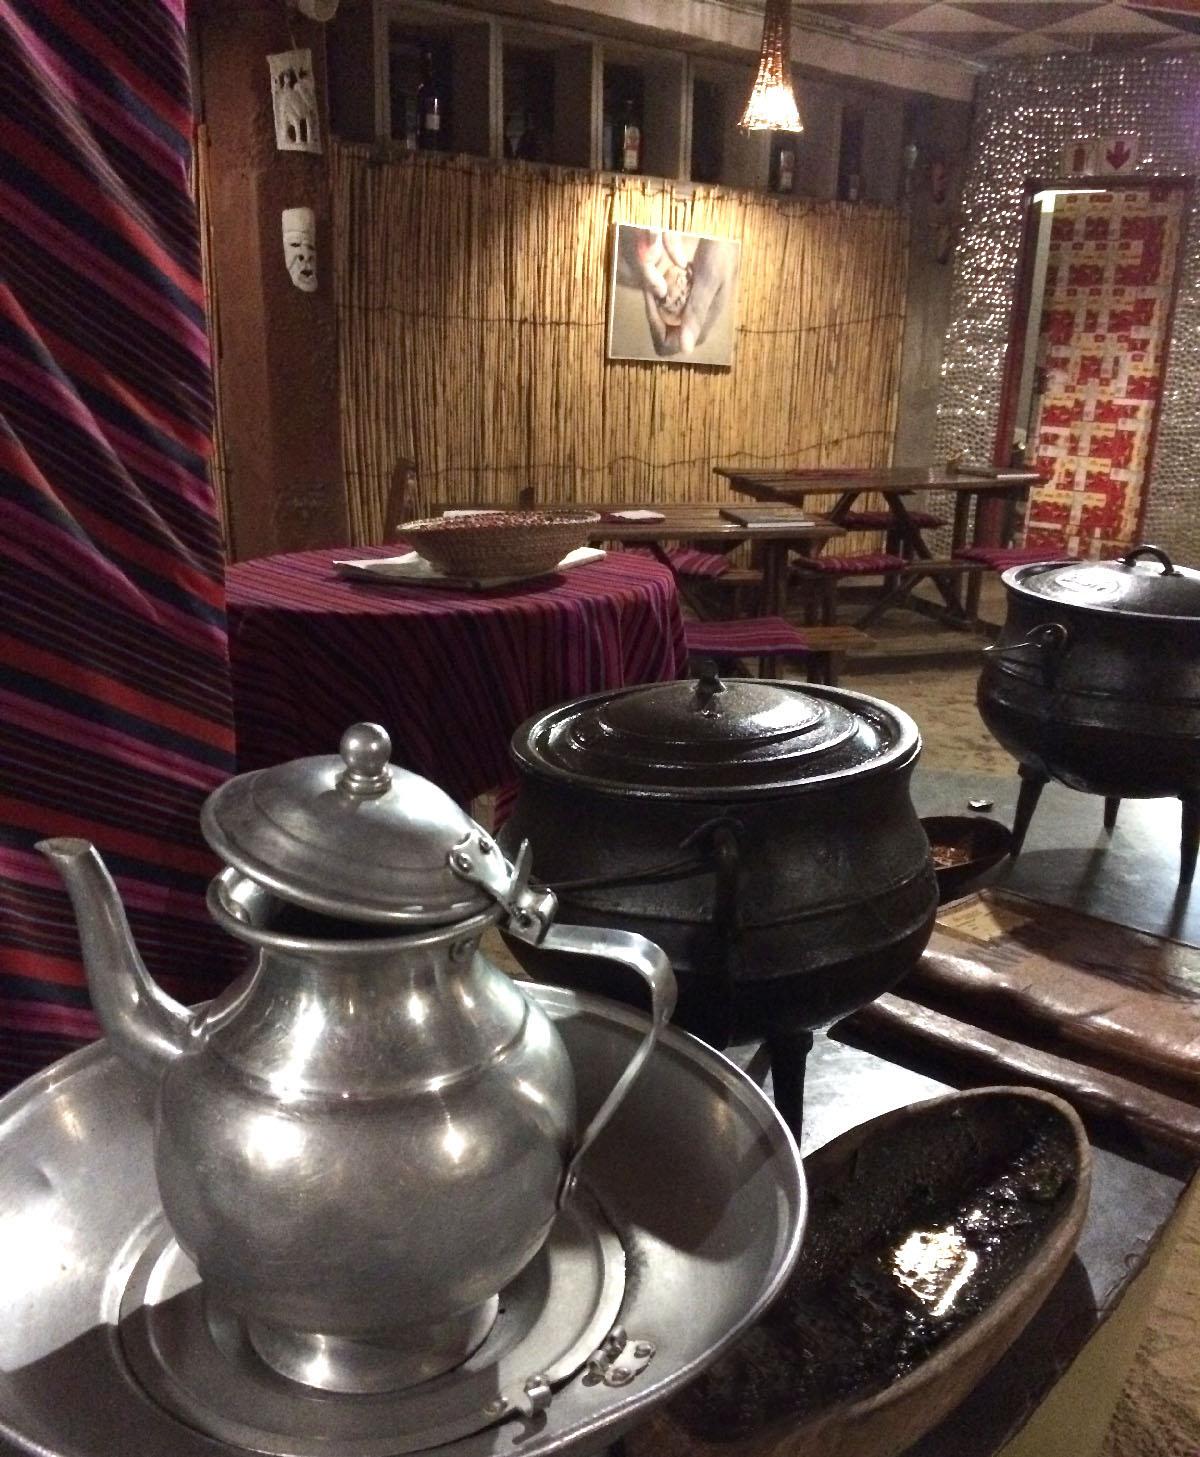 手洗い用のお湯 Xwama Restaurant